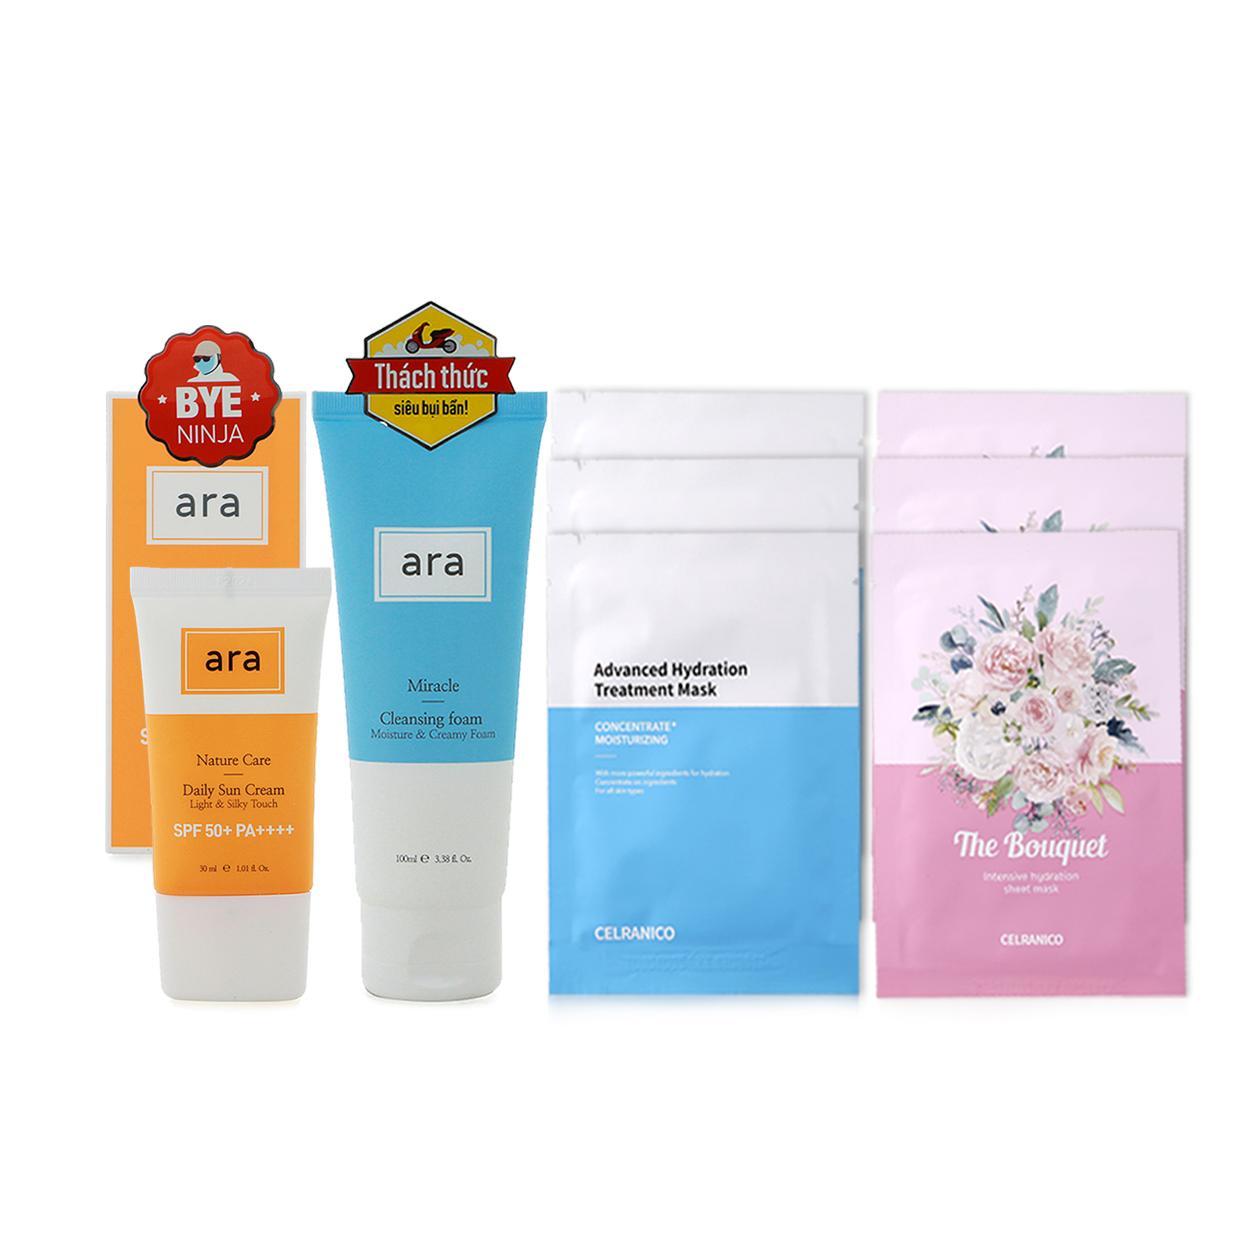 Combo Sữa rửa mặt ARA Miracle (100ml) + Kem chống nắng ARA Nature Care (30ml) + 6 mặt nạ cấp nước CELRANICO (23ml * 6) tốt nhất